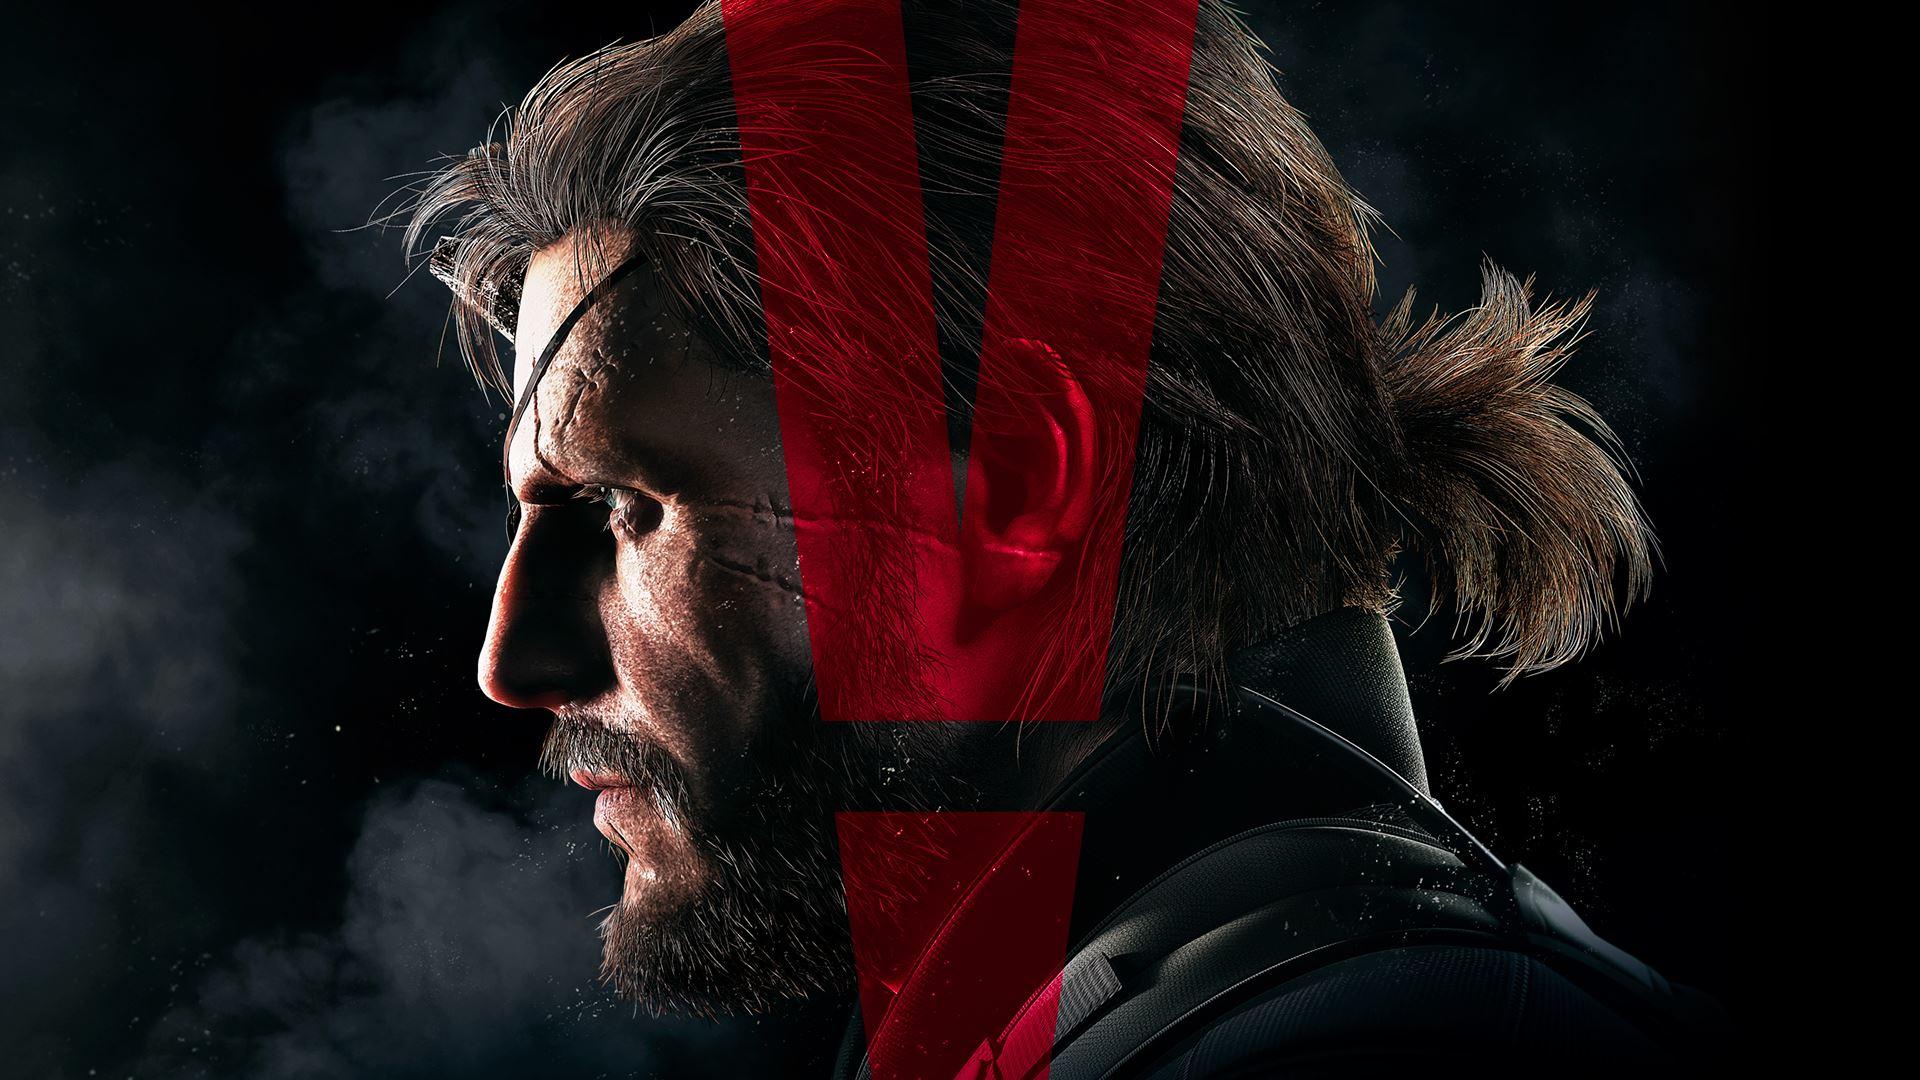 Metal Gear Solid V: The Phantom Pain za 69,99zł/99,99zł (Xbox 360/Xbox One) @ Xbox Live Marketplace